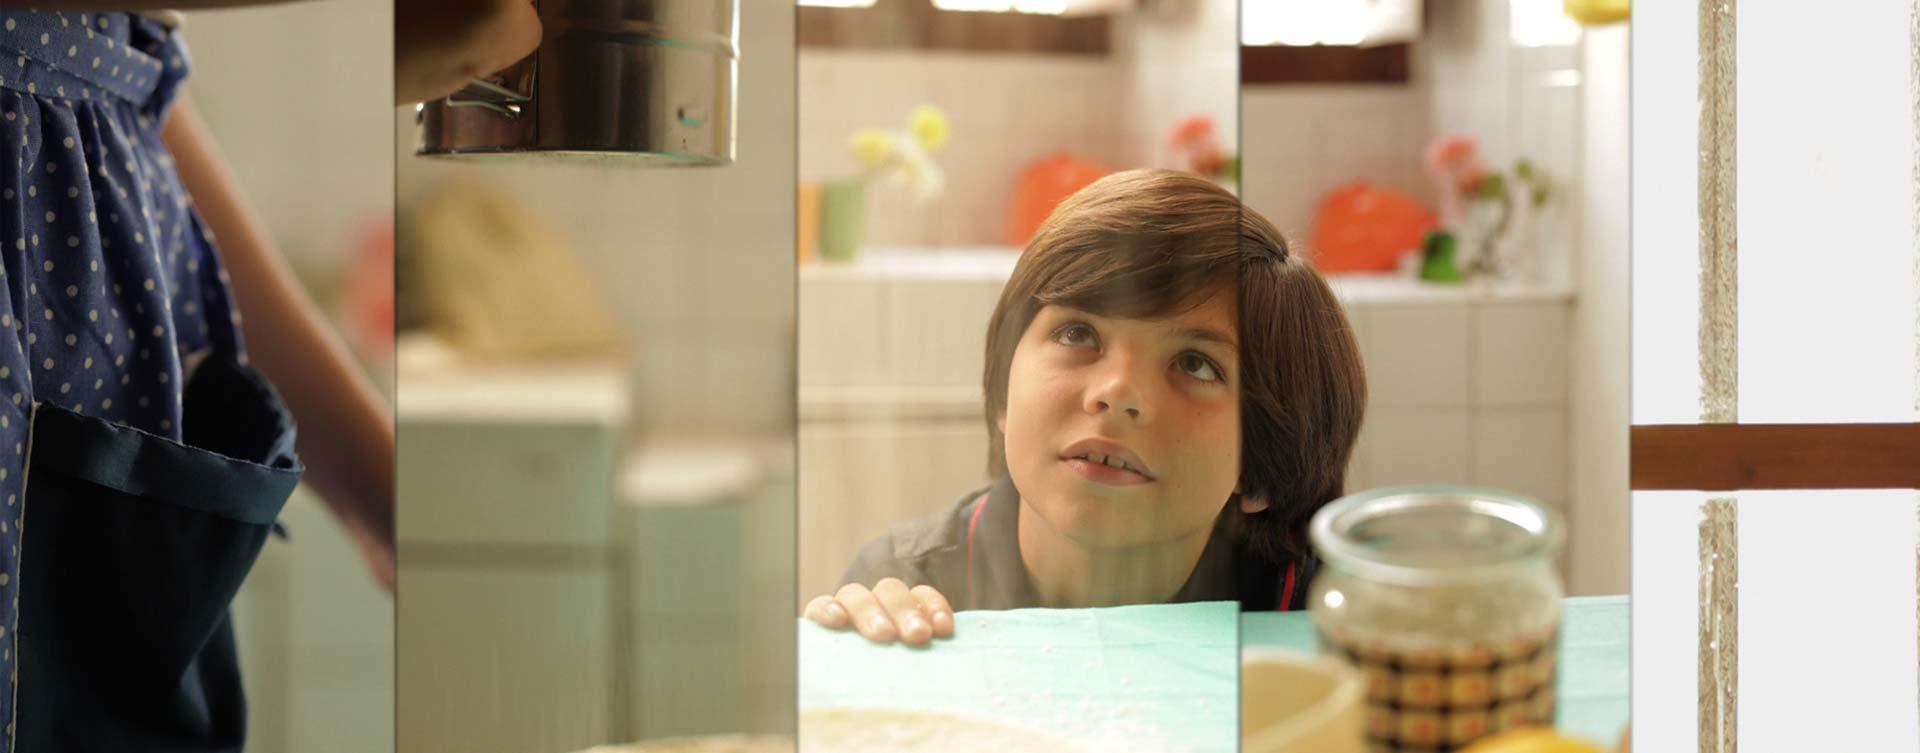 niño en la mesa de la cocina